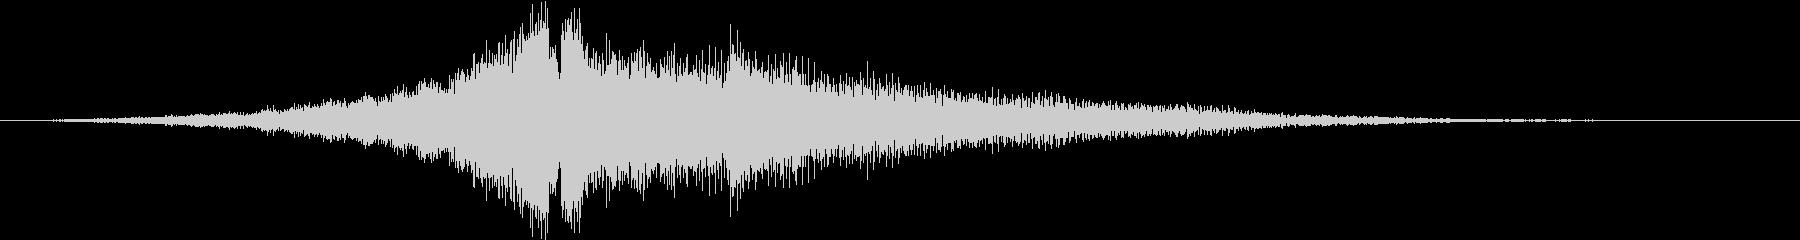 アコギ、リバースからコードジャラーンのんの未再生の波形